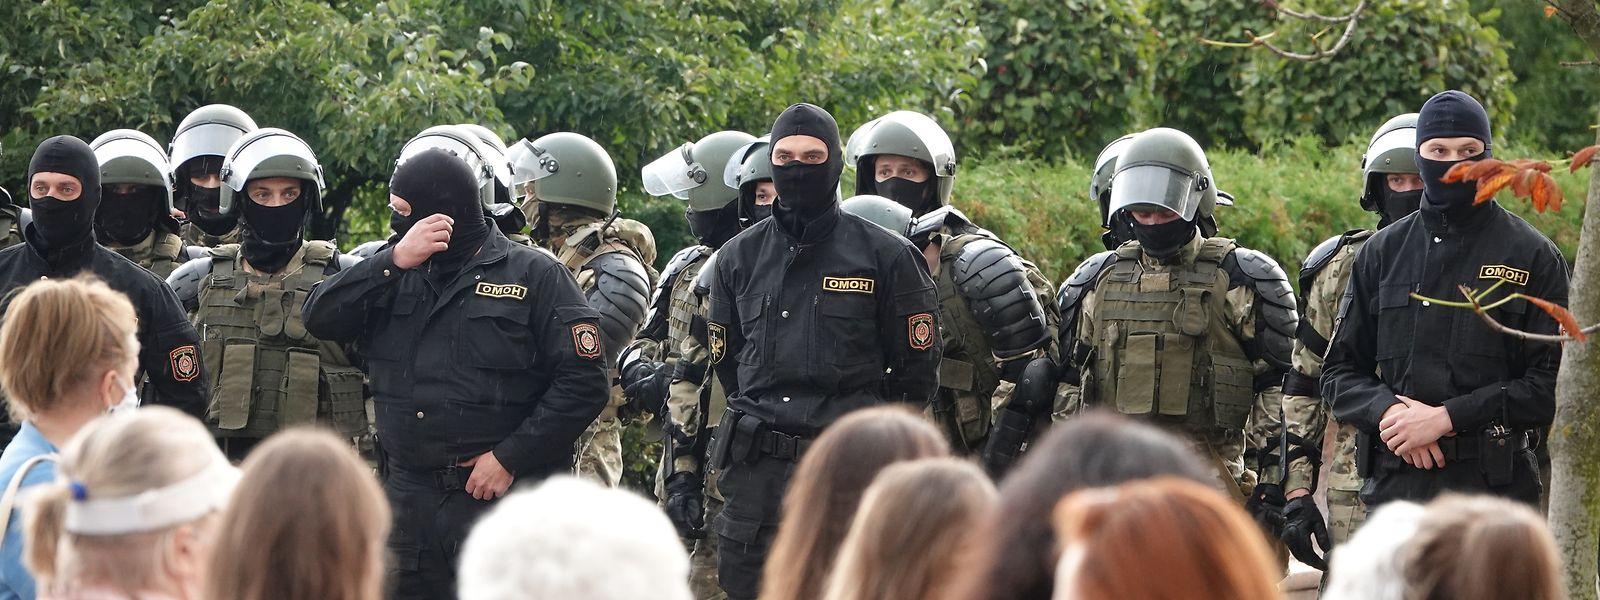 Demonstranten und Einsatzkräfte der Sonderpolizei OMON stehen sich am Unabhängigkeitsplatz in Minsk gegenüber.